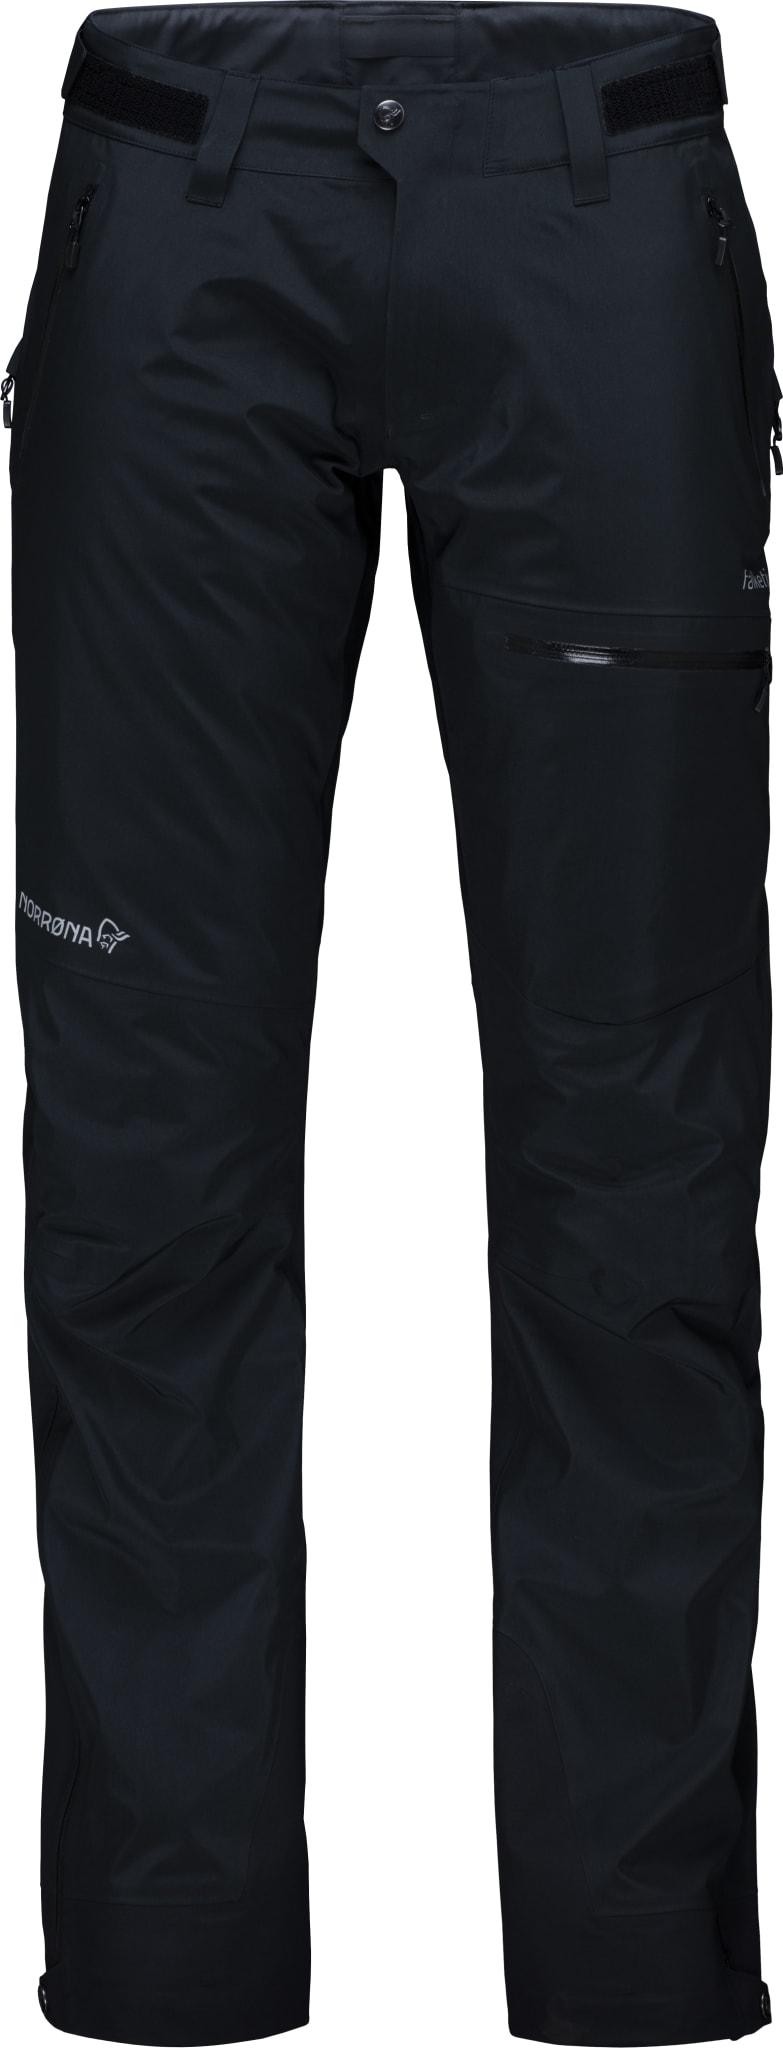 Falketind Gore-Tex Pants W